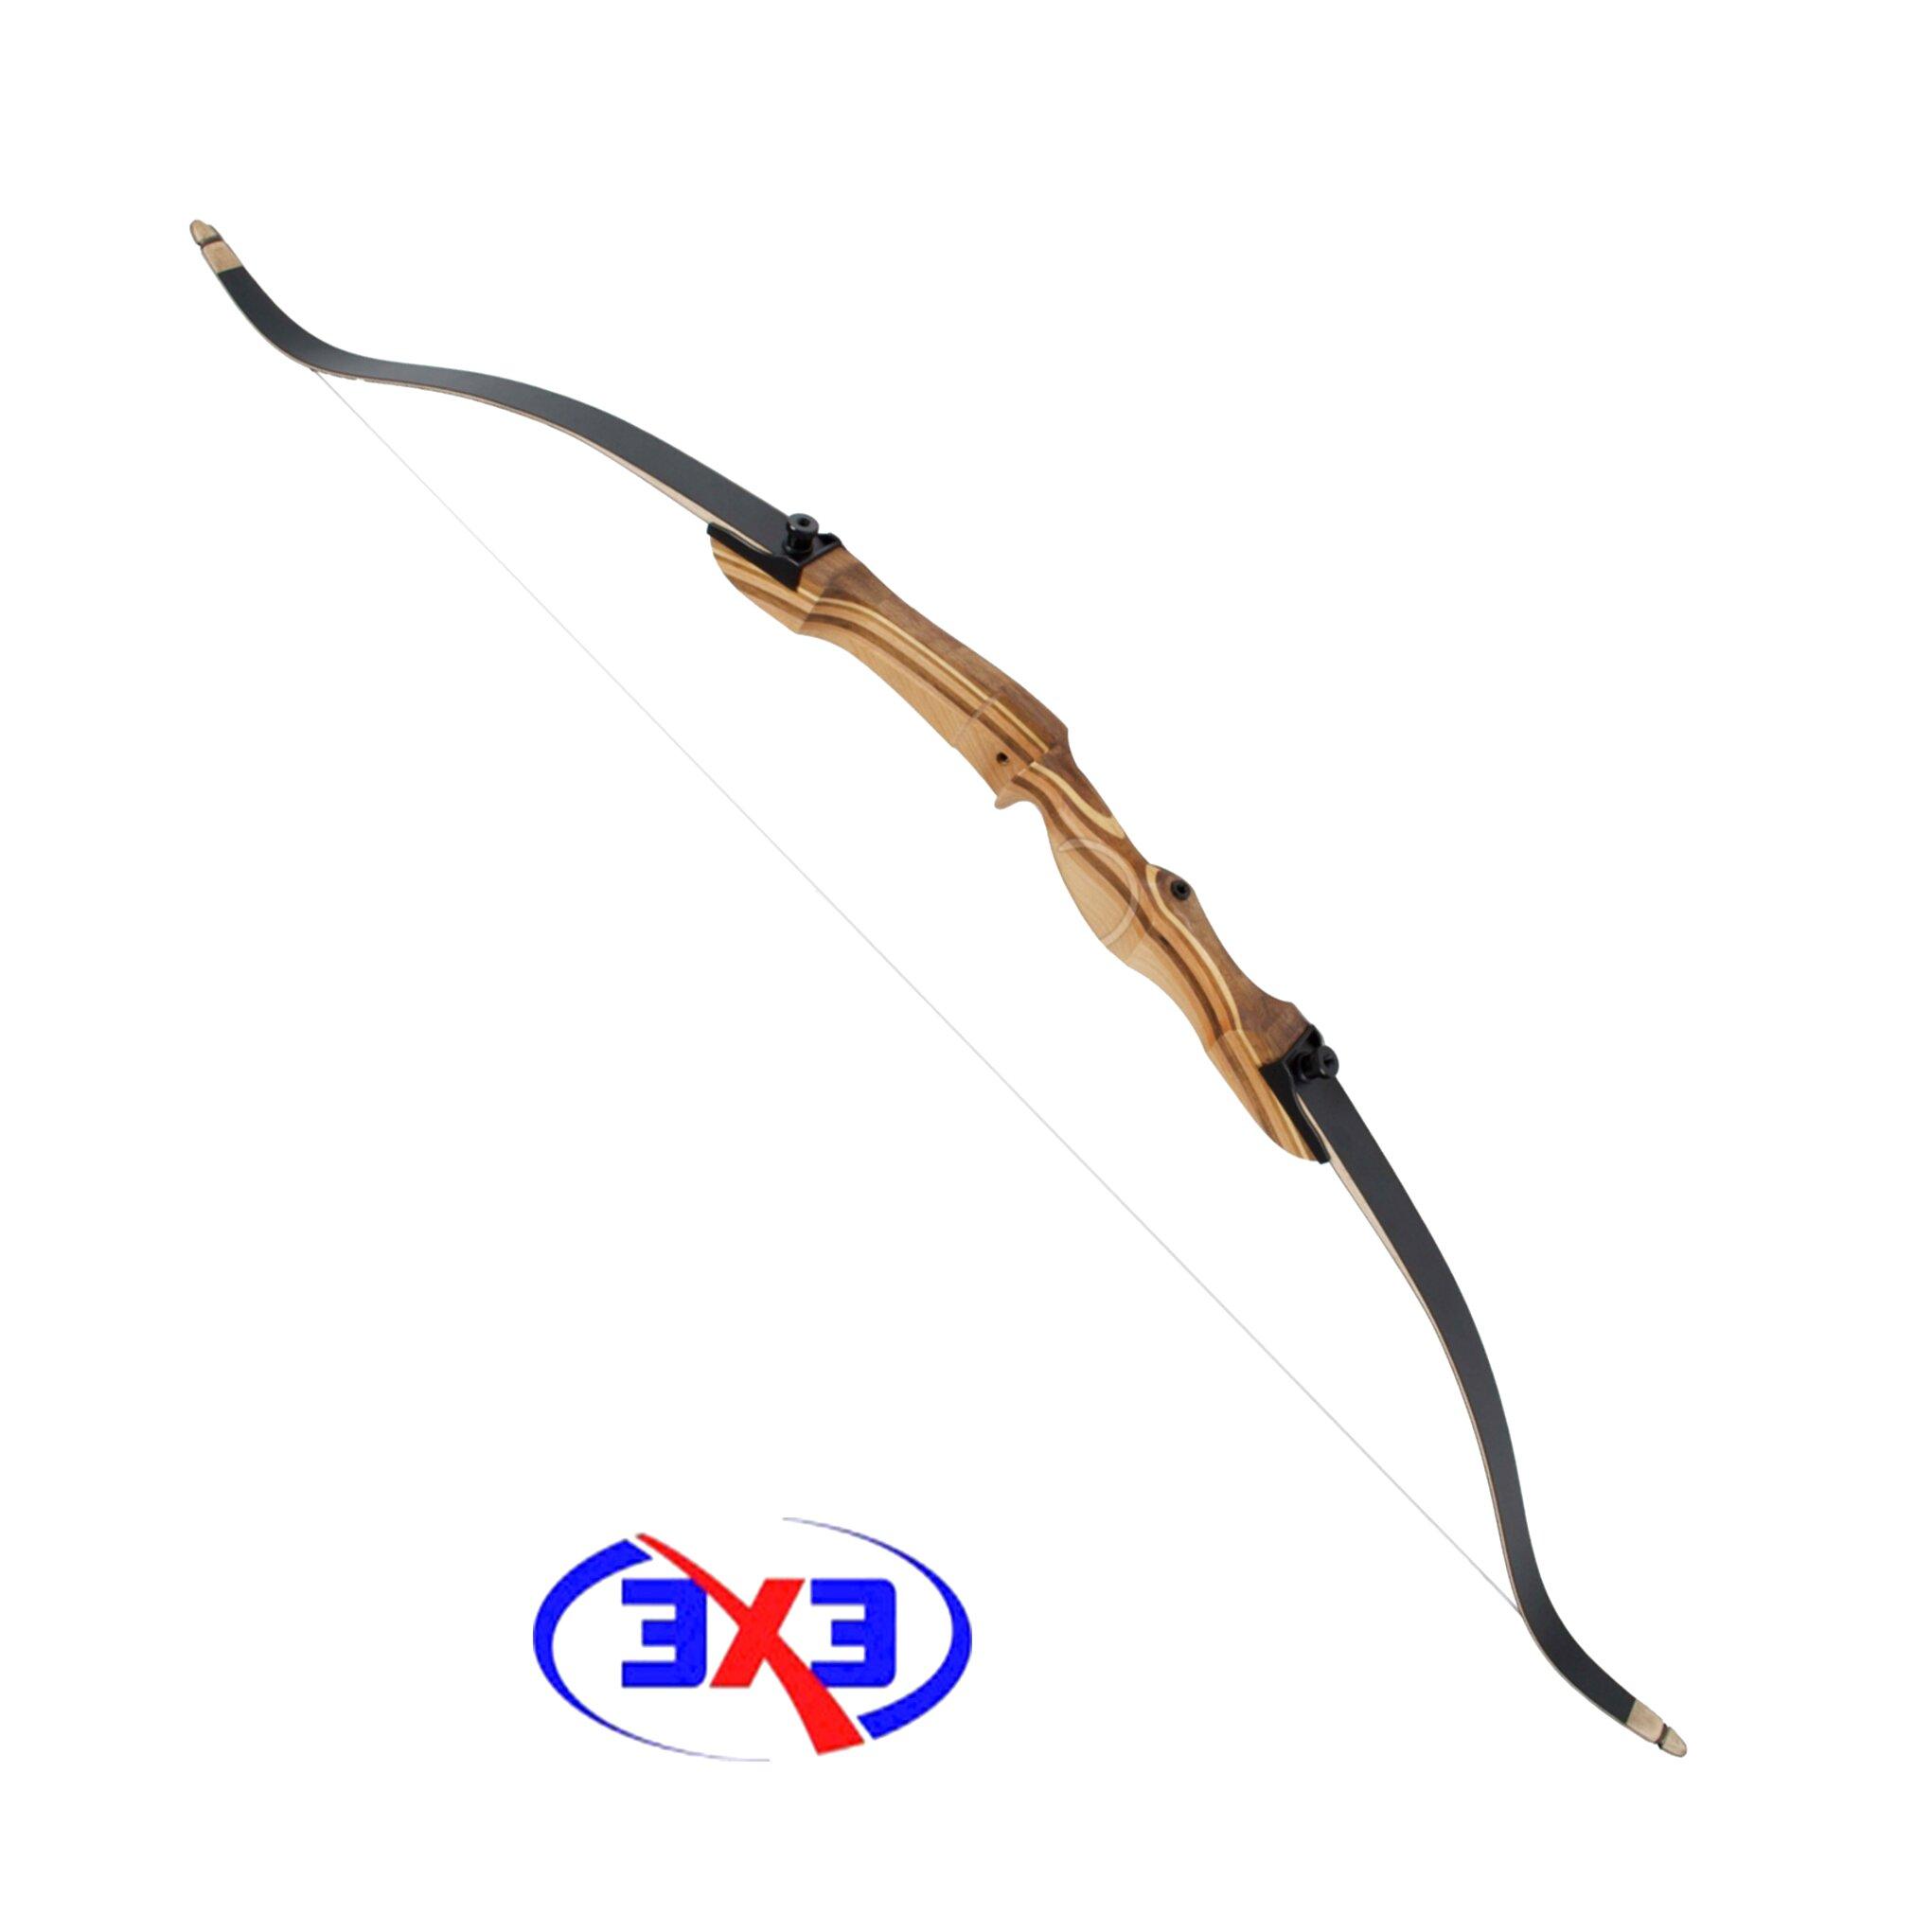 arco legno usato